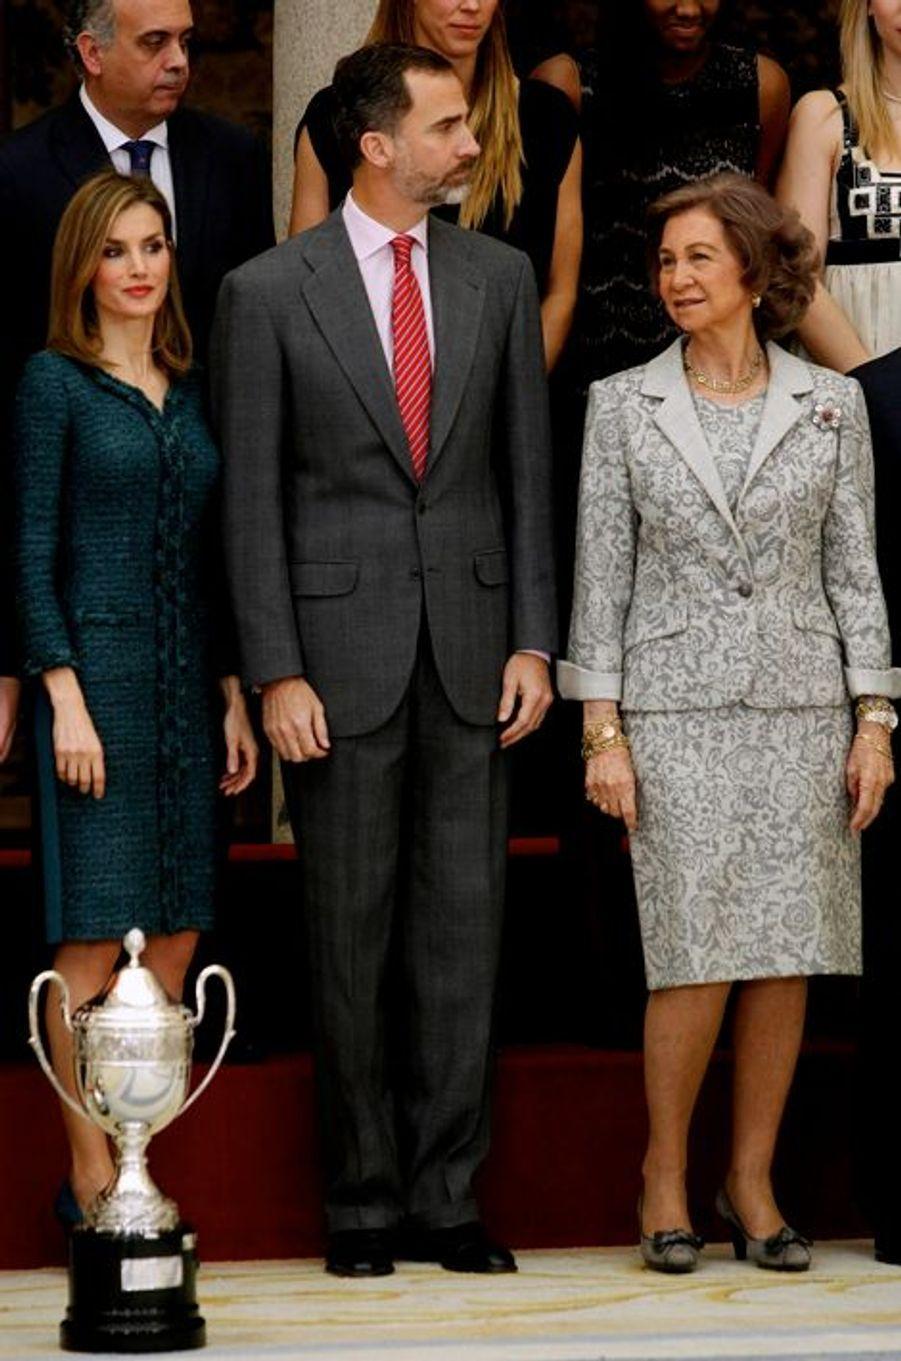 Le roi Felipe VI d'Espagne, la reine Letizia et l'ex-reine Sophia à Madrid, le 4 décembre 2014